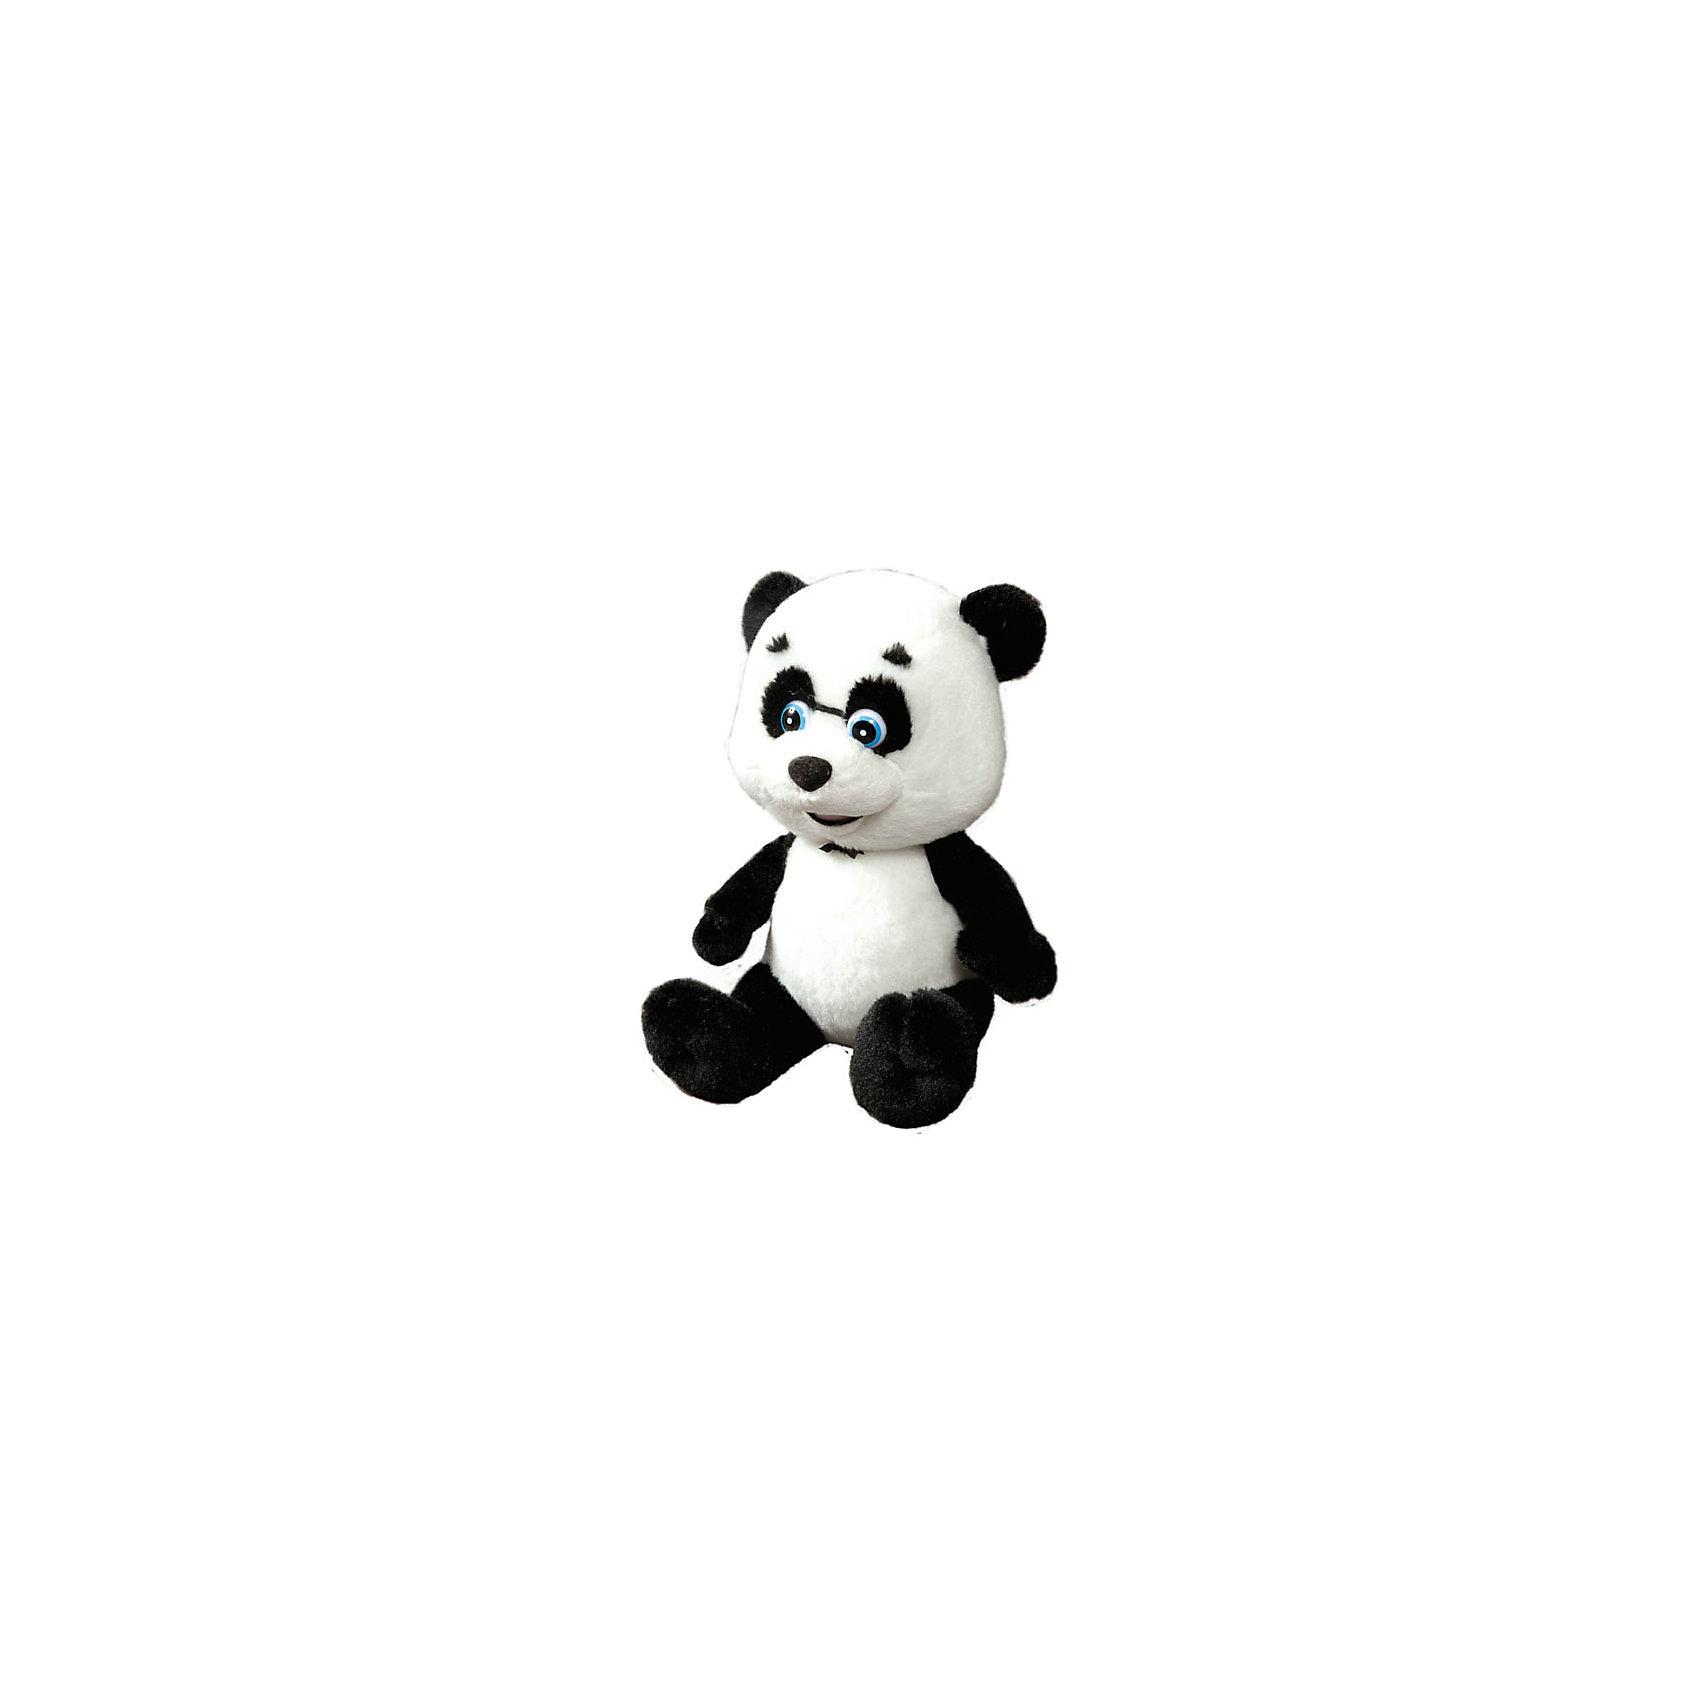 МУЛЬТИ-ПУЛЬТИ Мягкая игрушка Панда, 23см, со звуком, Маша и Медведь, МУЛЬТИ-ПУЛЬТИ магниты маша и медведь купить игрушку